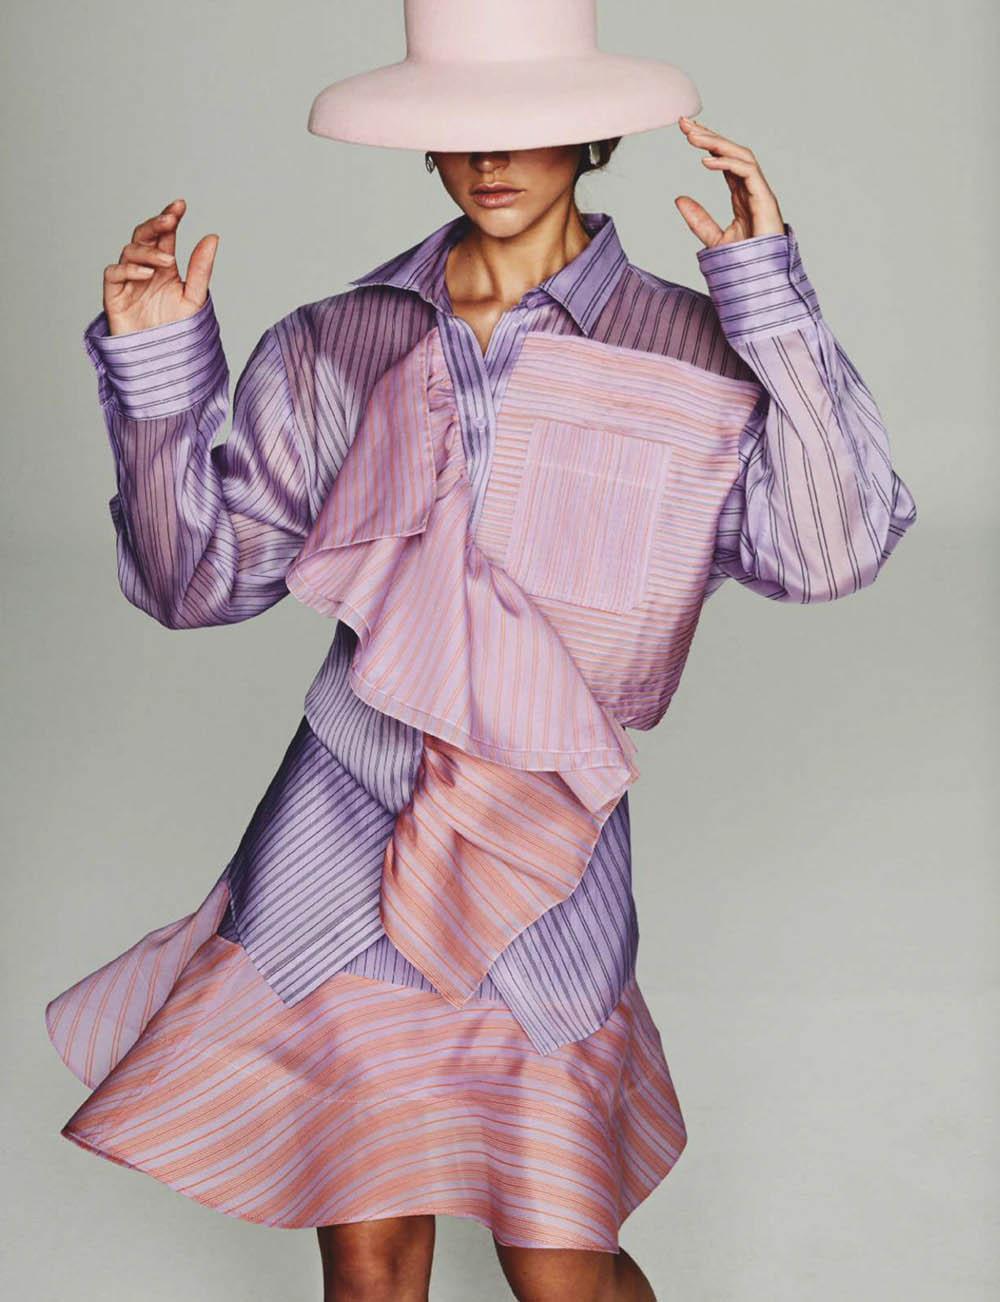 Chloe Lecareux by Rafa Gallar for Elle Spain March 2020